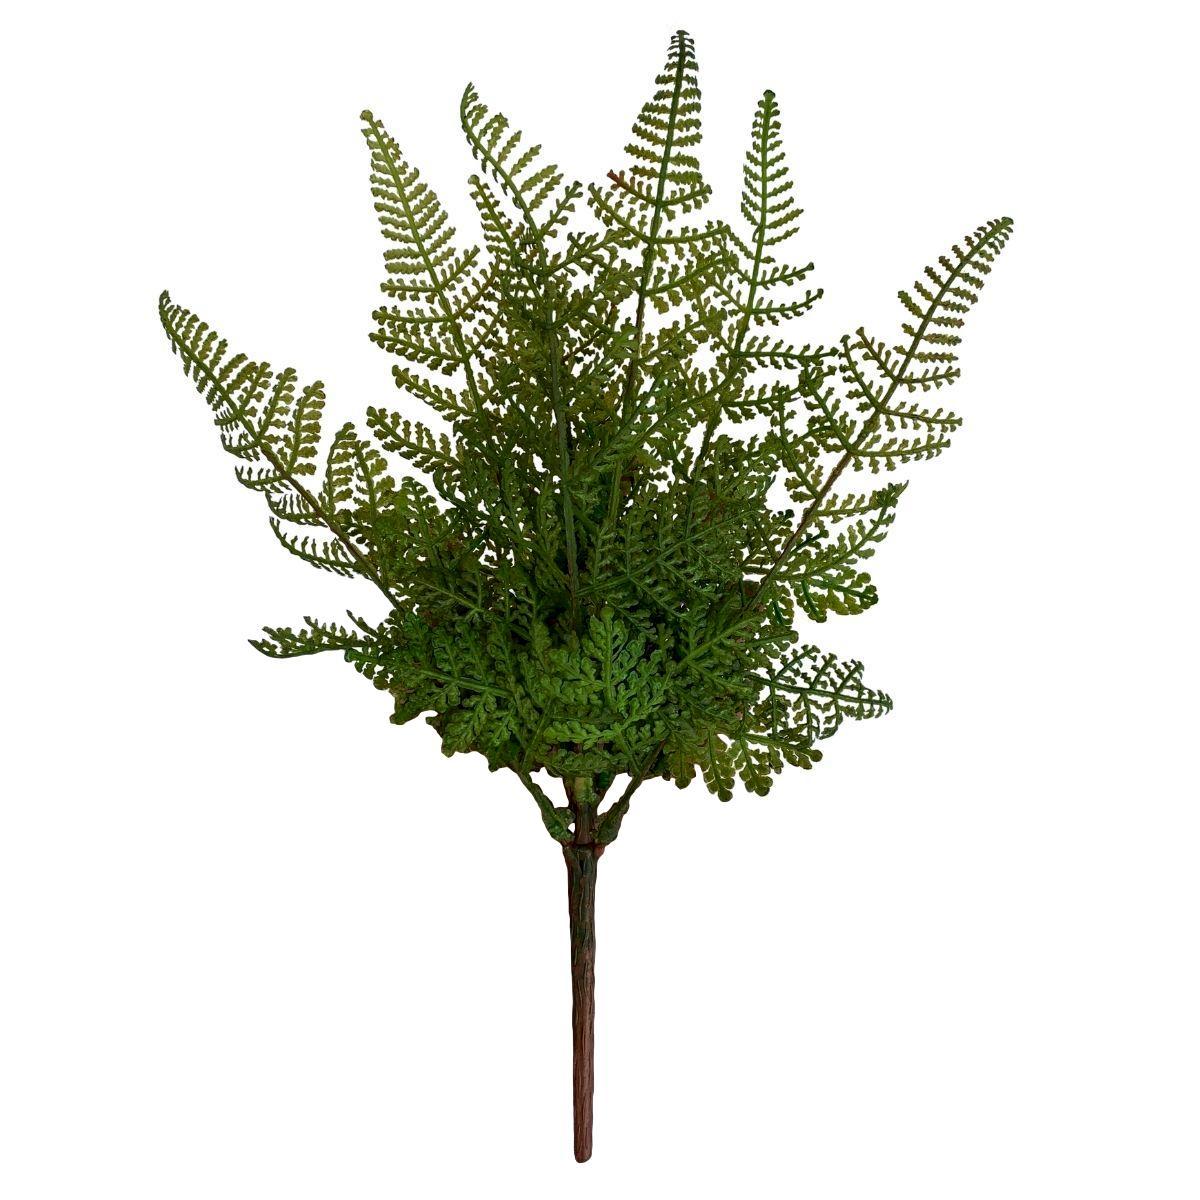 Planta Artificial Buquê de Samambaia 35 cm Toque e Aparência Real